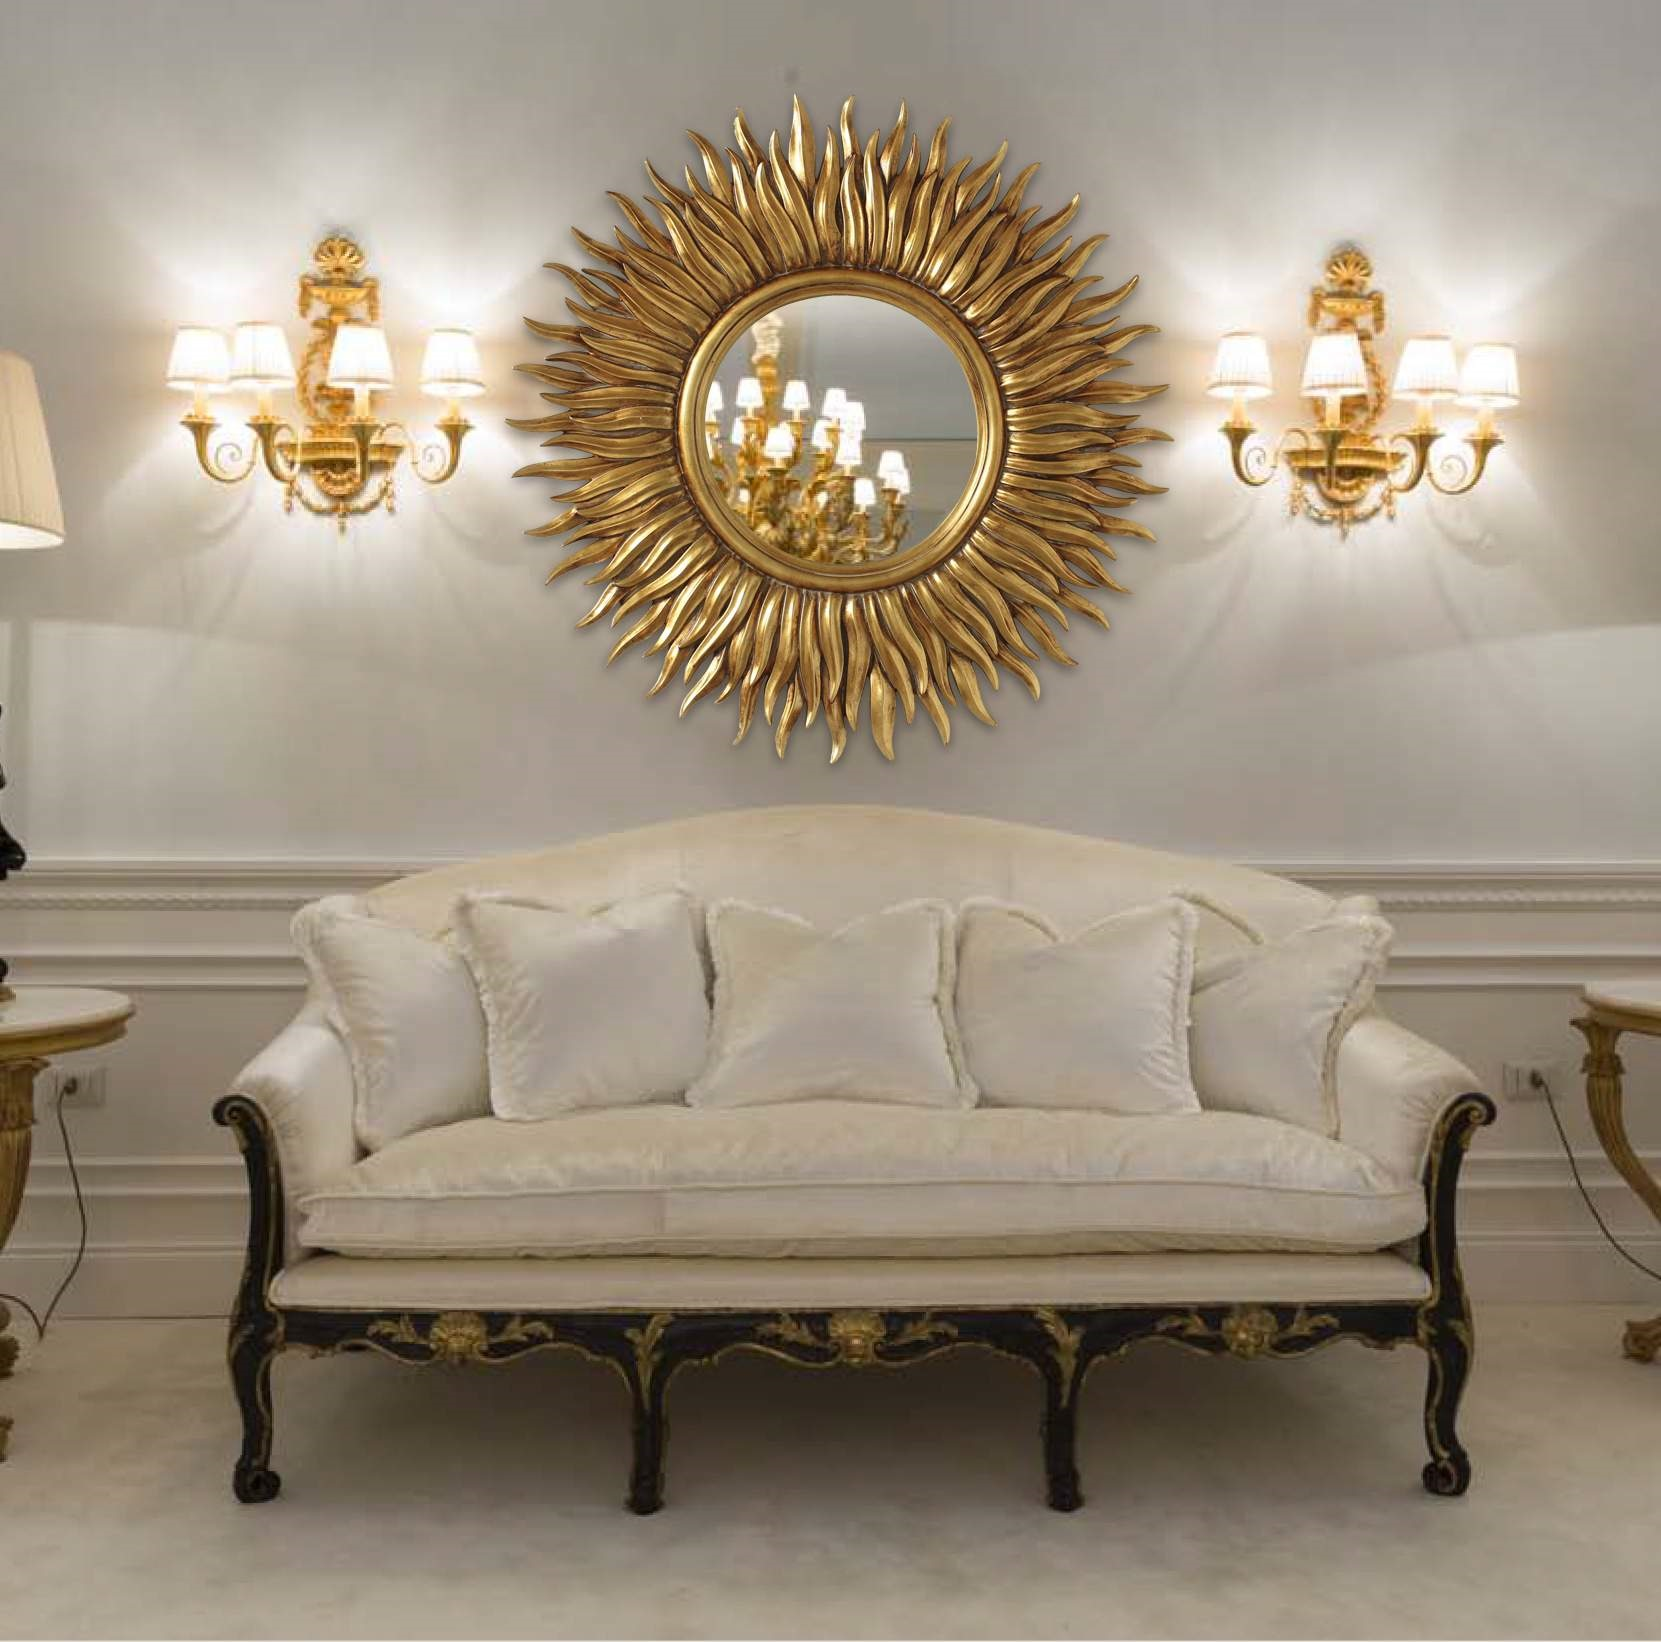 круглое зеркало над диваном фото типа